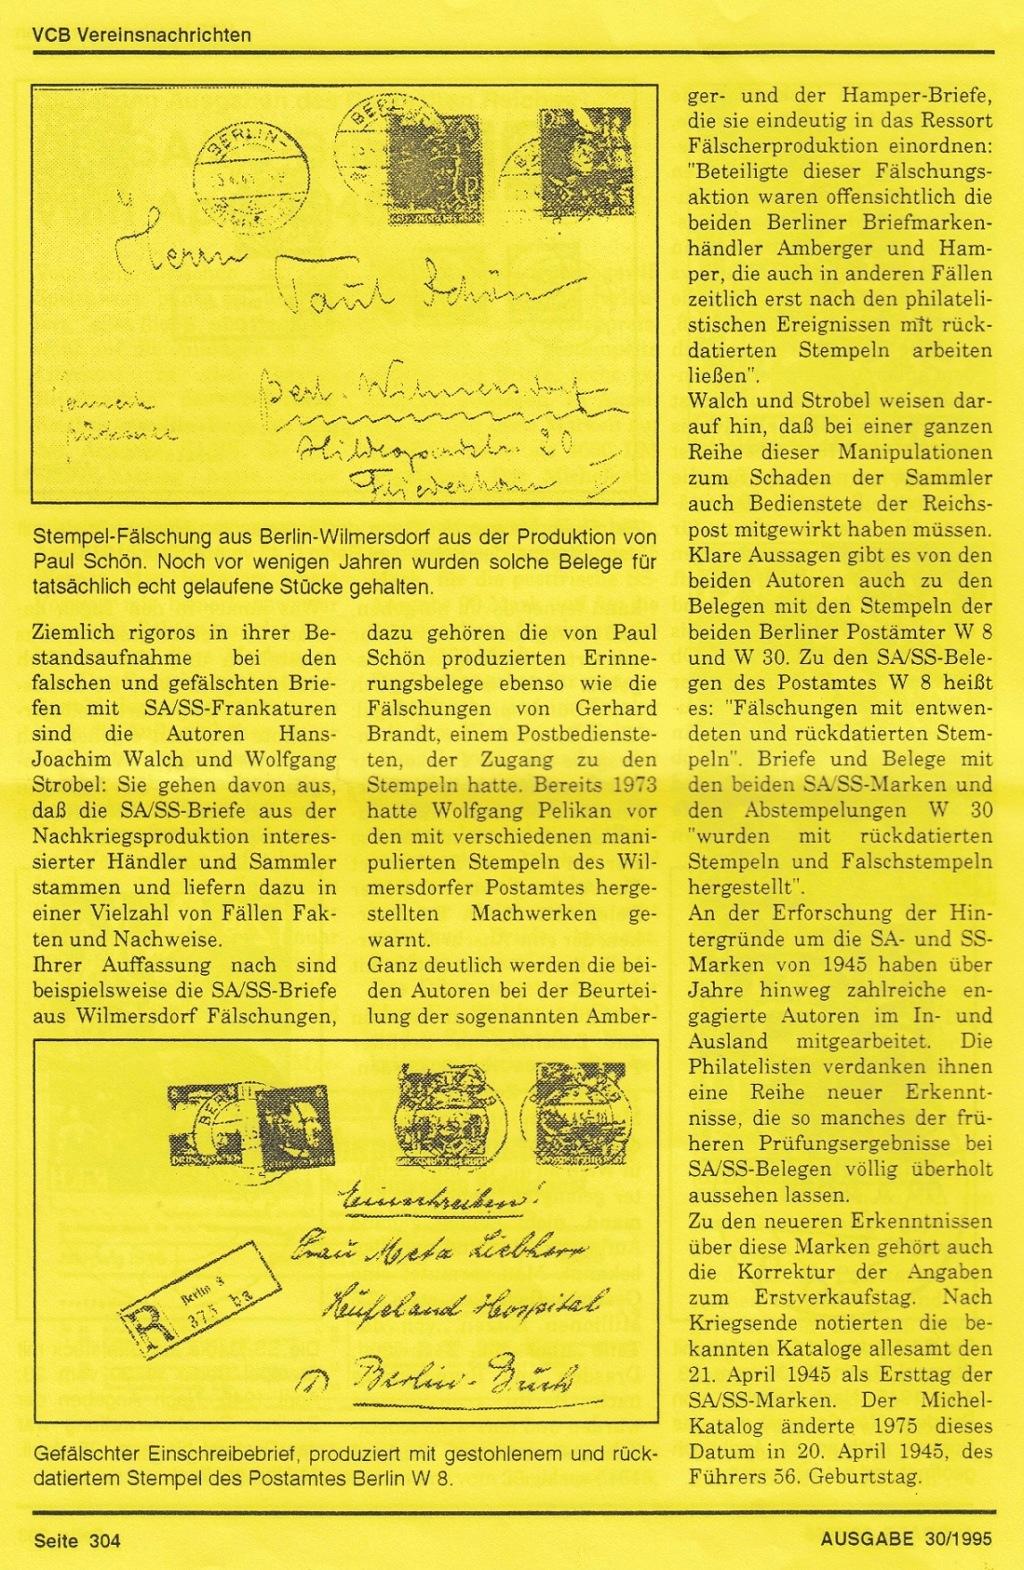 """Deutsches Reich von 1933 bis 1945 """"in einer ausgesuchten Perspektive"""" - Seite 2 Drd10"""